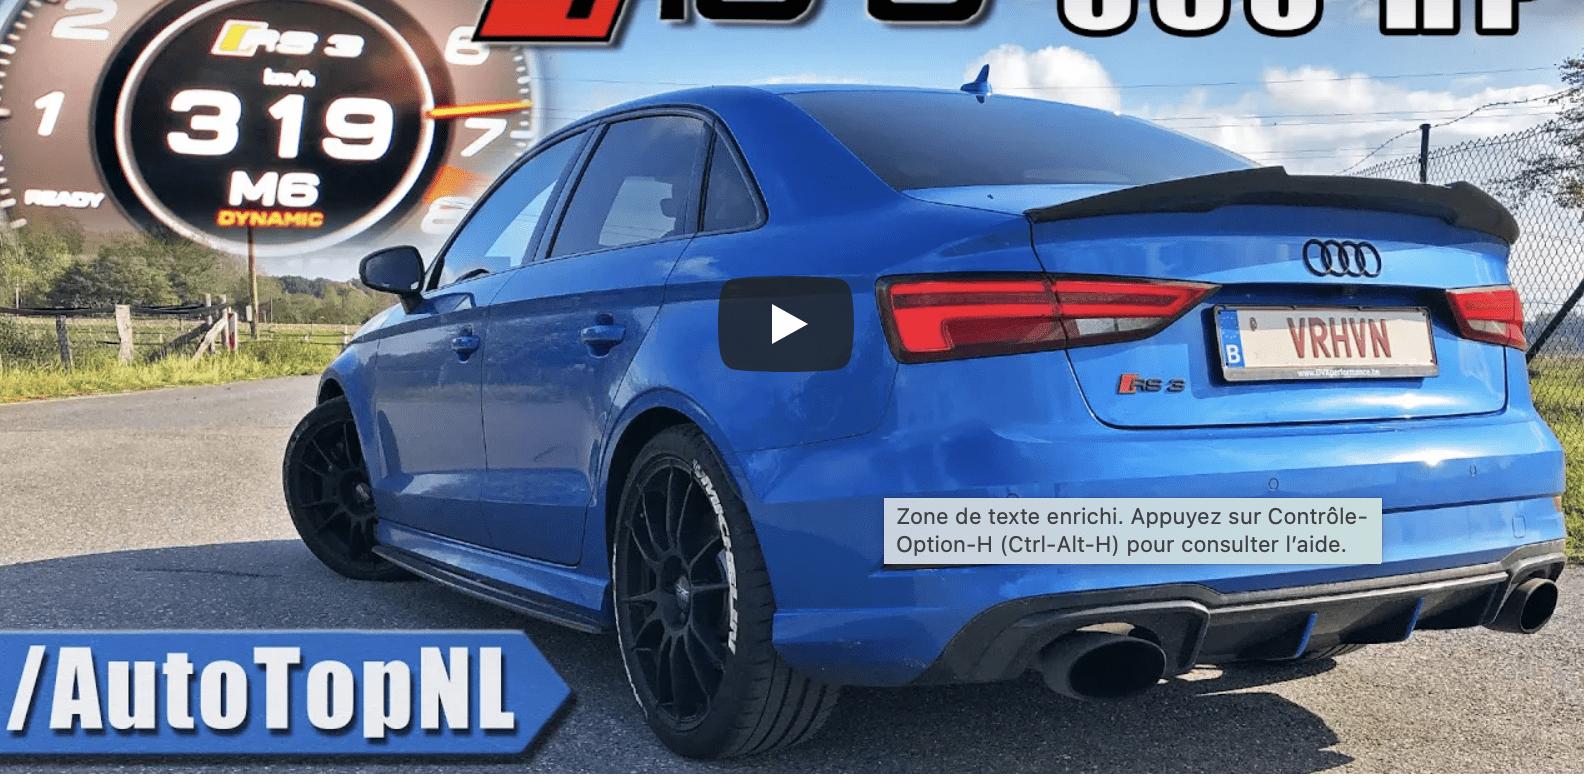 Vidéo : Cette Audi RS3 de 650 chevaux prend 300 km/h en 30 secondes